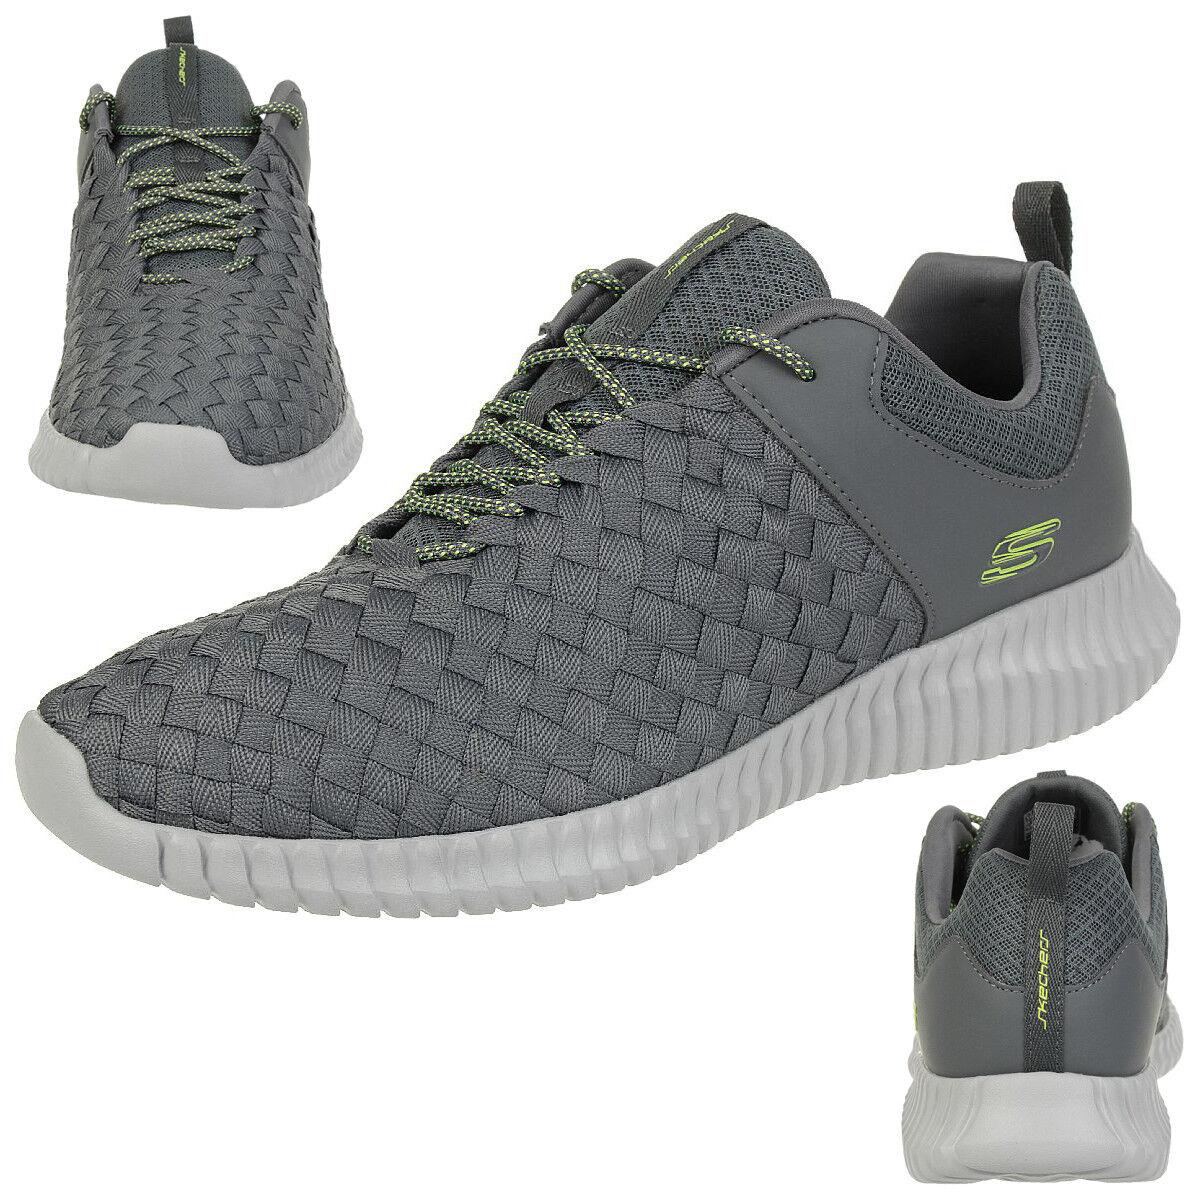 Skechers elite Flex Belser calcetines cortos fitness zapatos Char